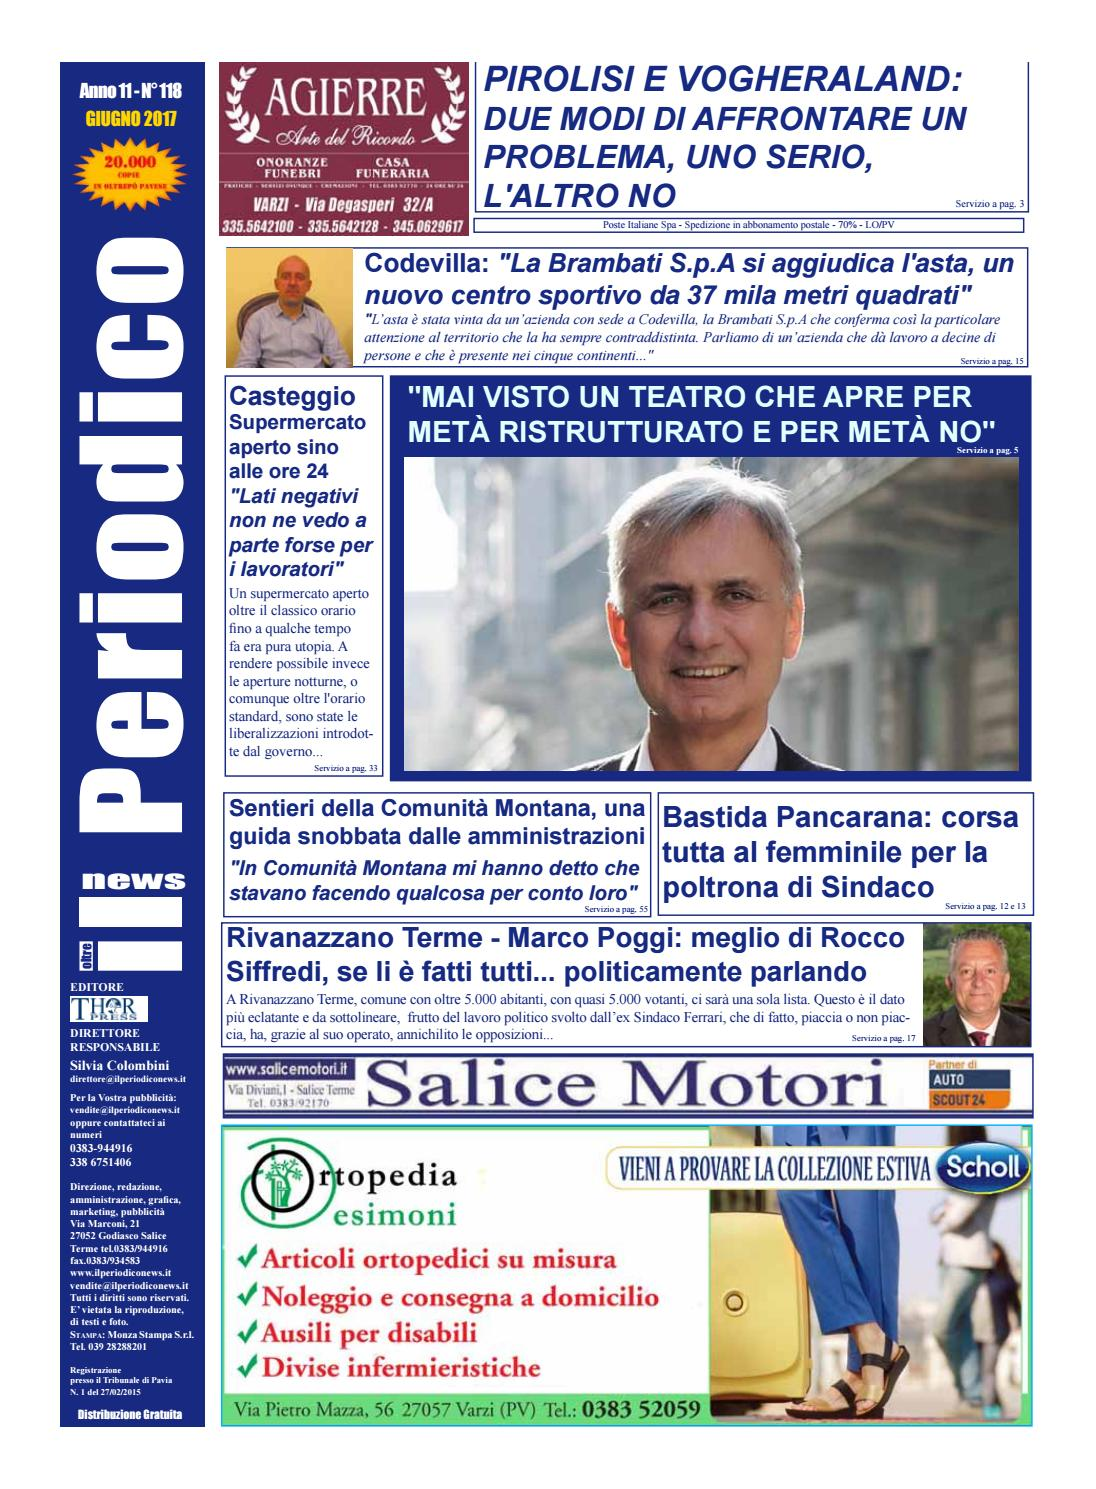 Il Periodico News - GIUGNO 2017 N°118 43ea675d1c72